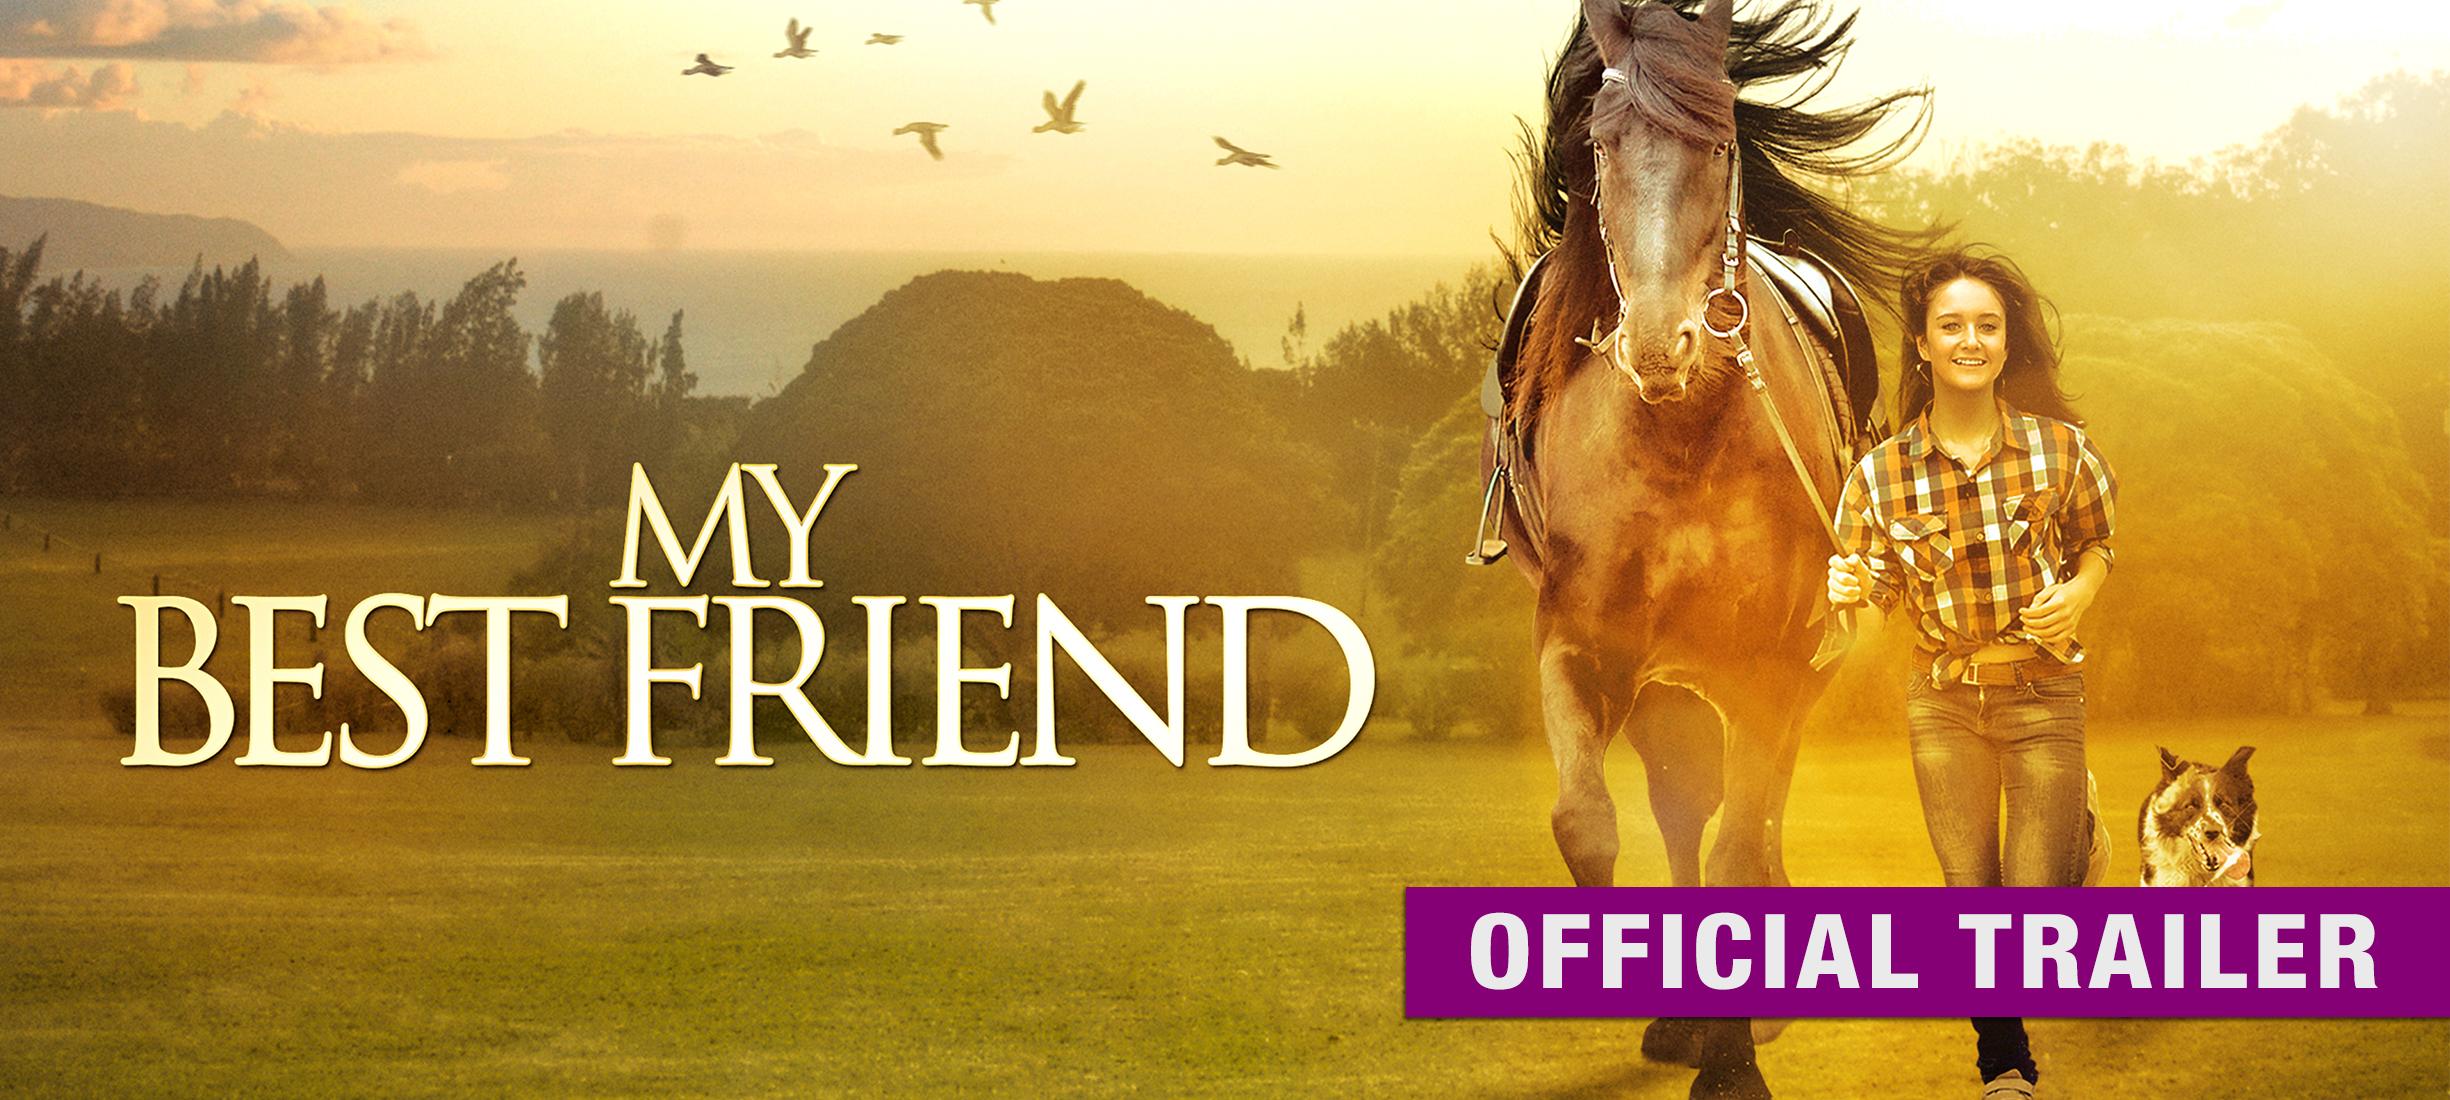 My Best Friend: Trailer